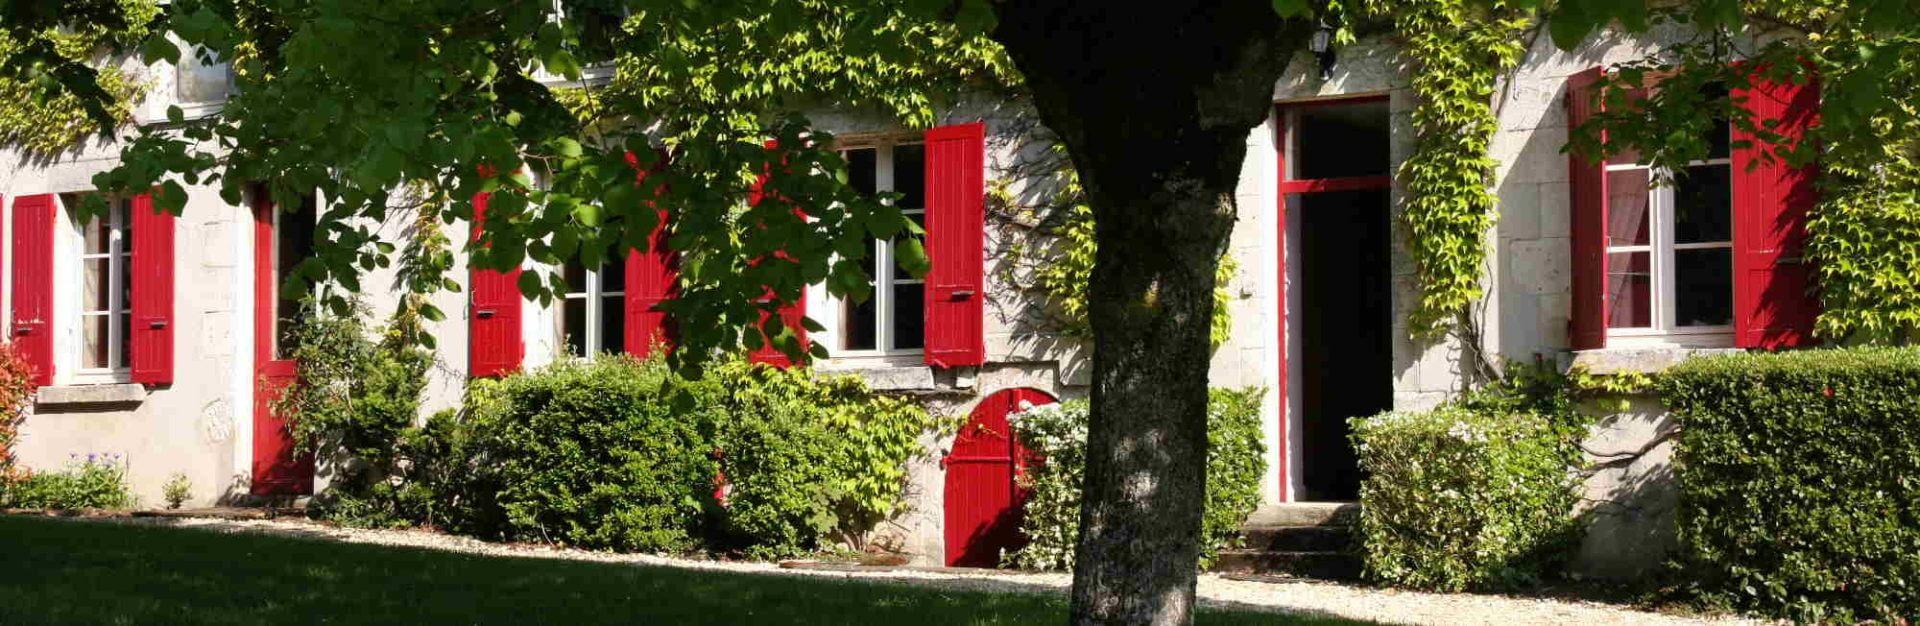 la maison aux volets rouges